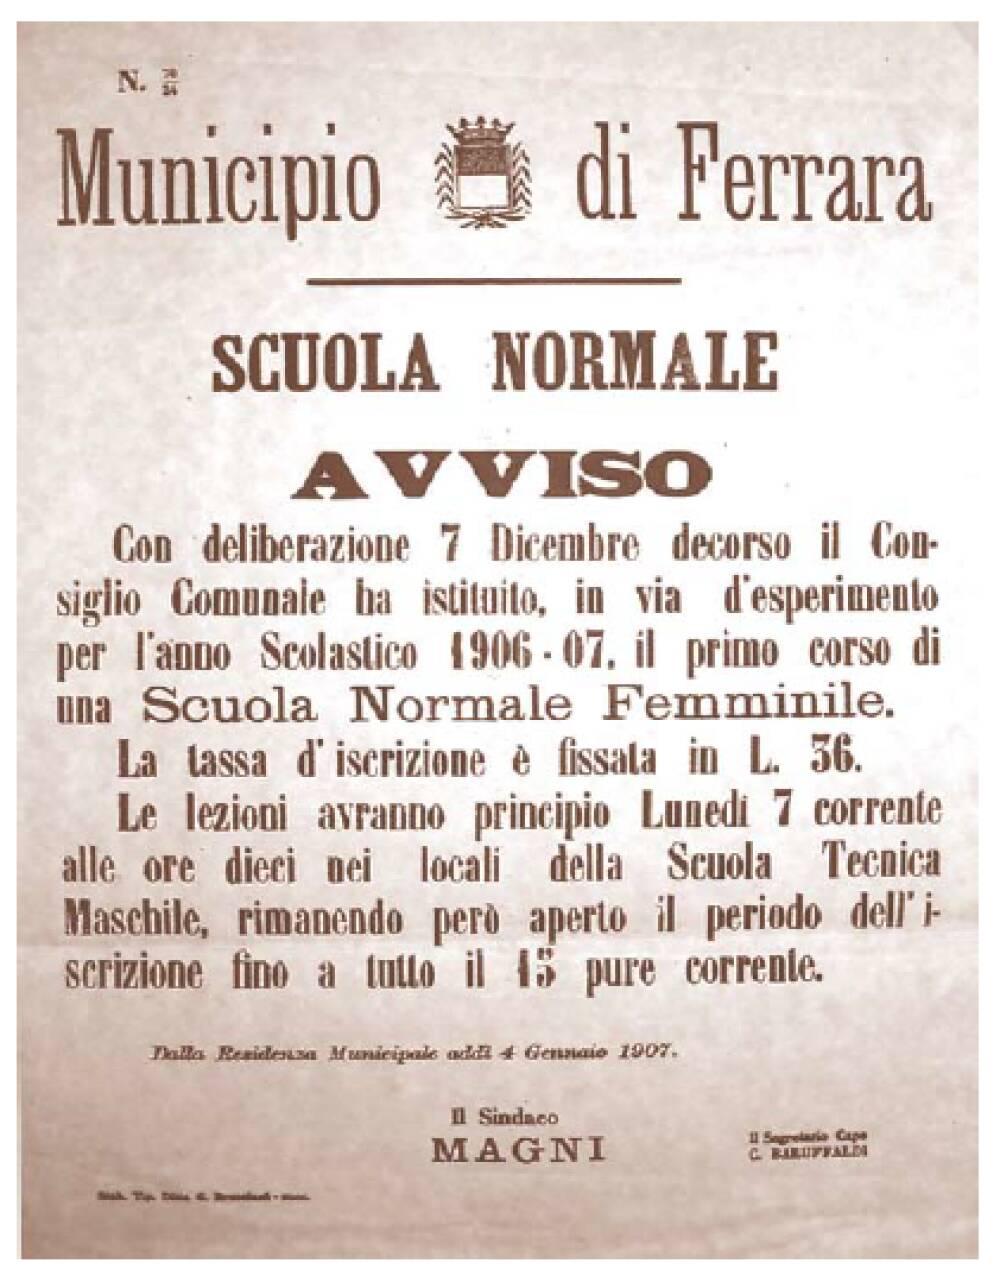 Avviso 1906-07